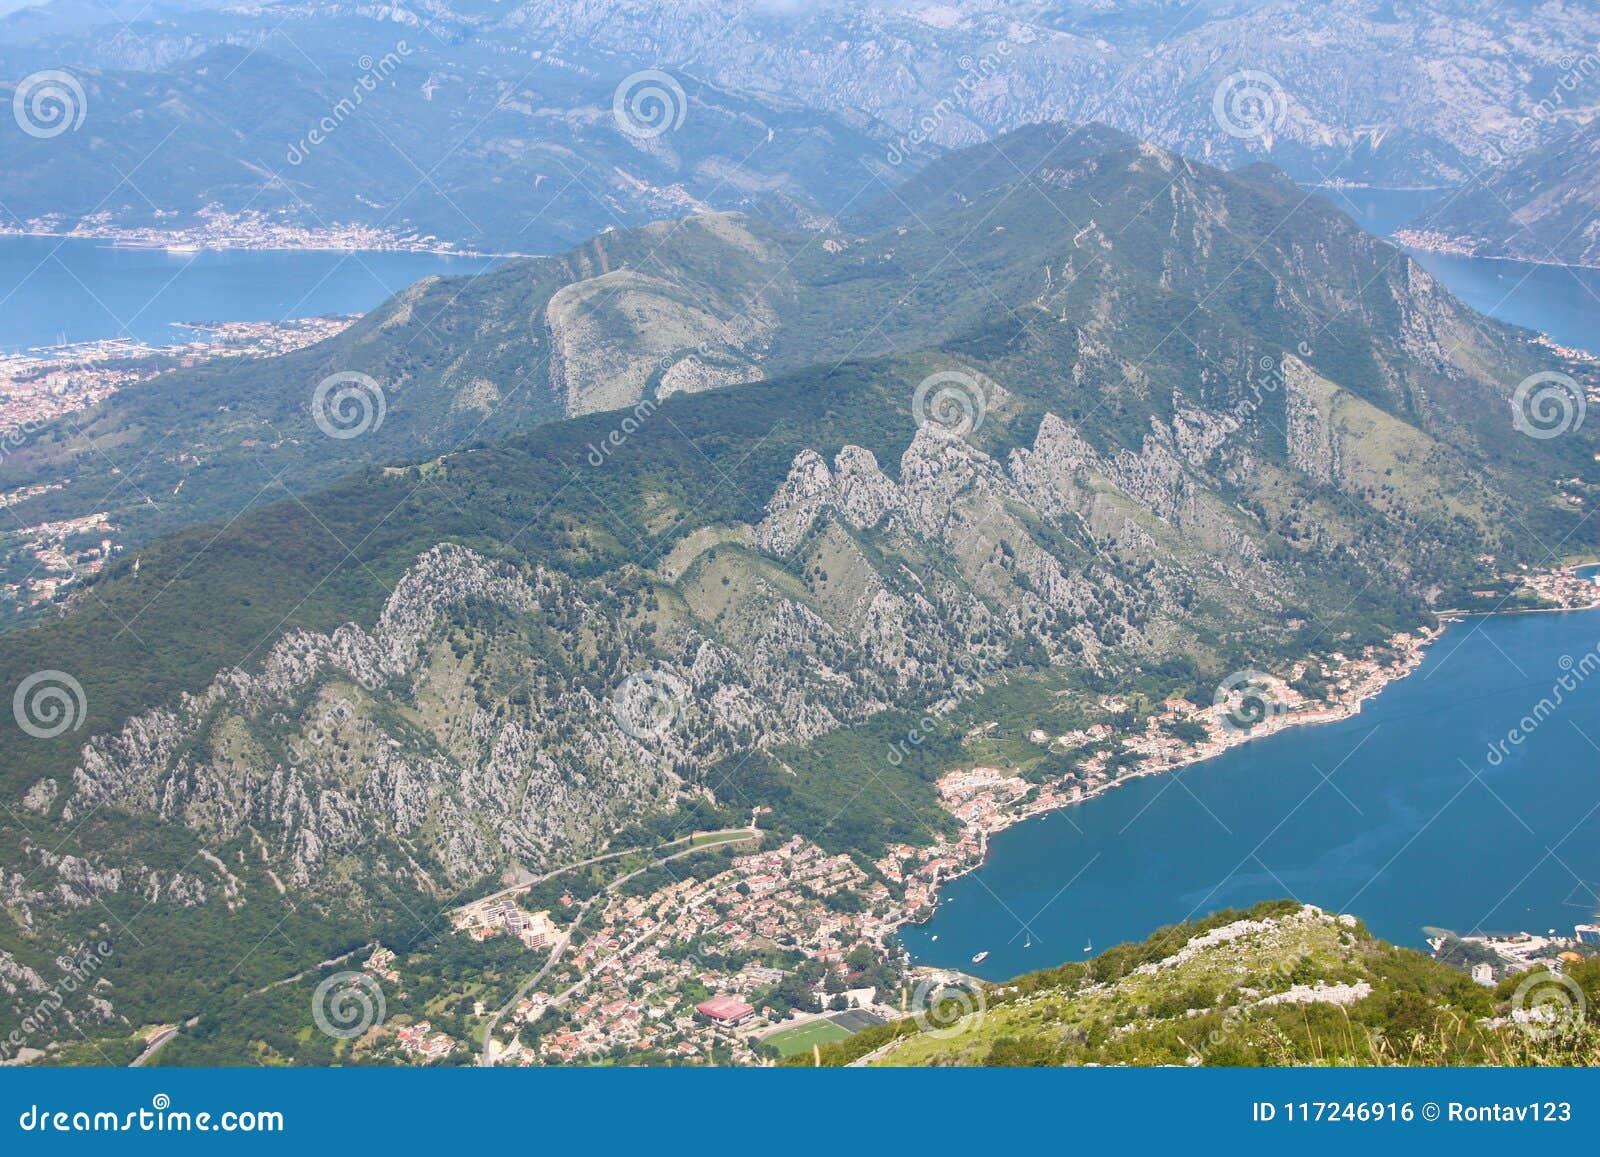 Vista panorámica del fiordo de la bahía de Kotor, parque nacional de Lovcen